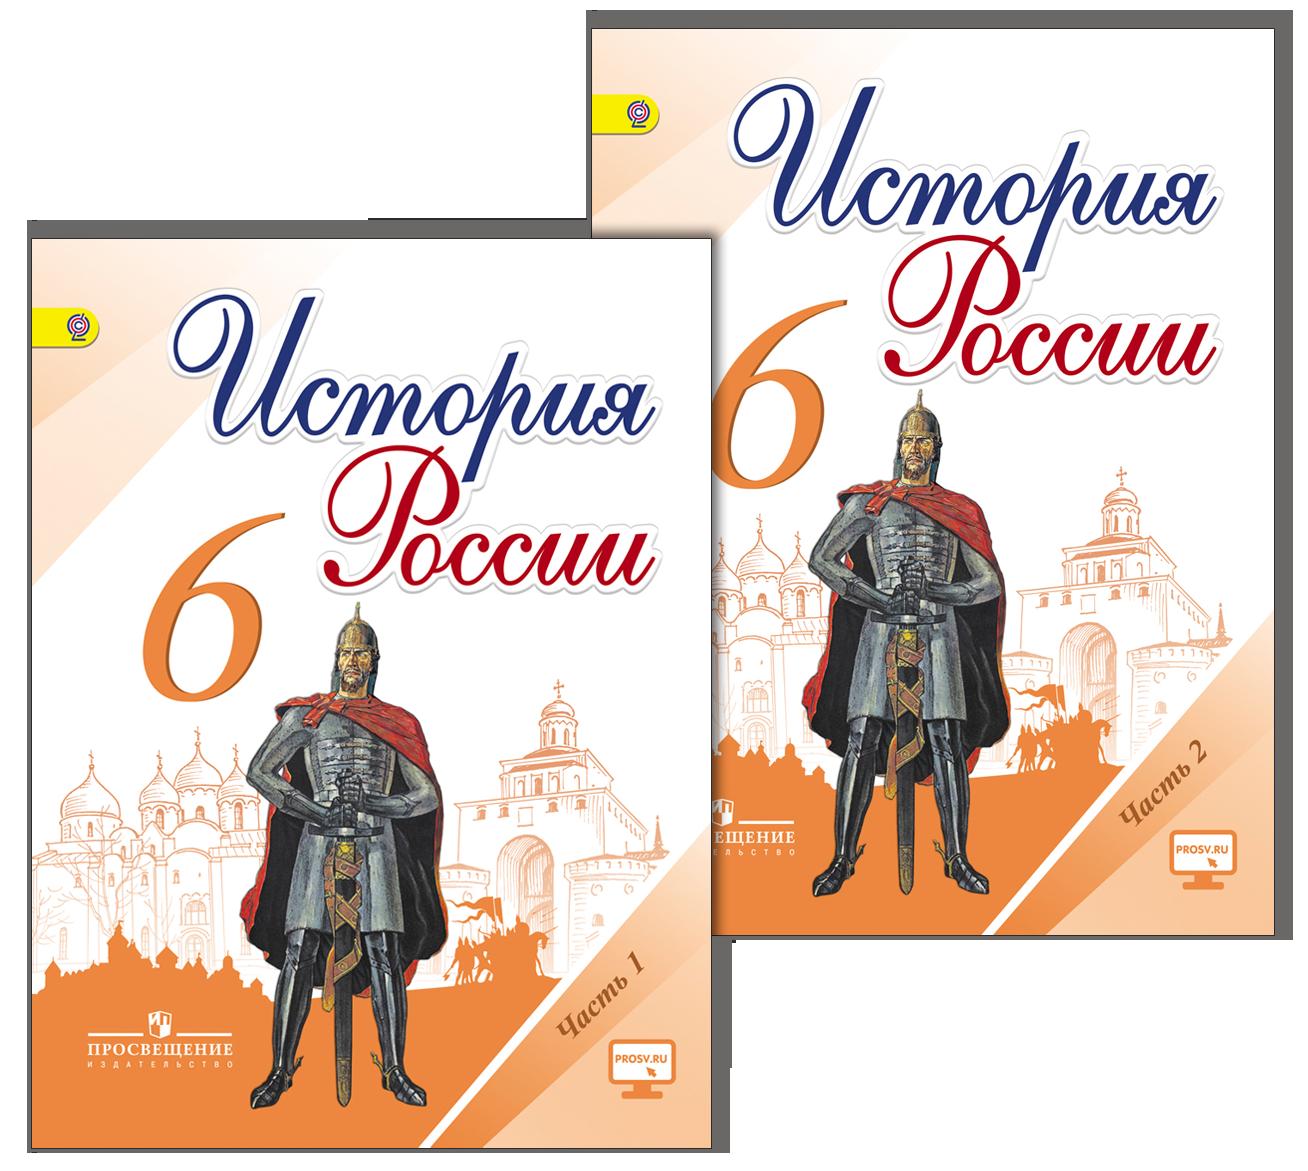 Решебник по истории россии 6 класс